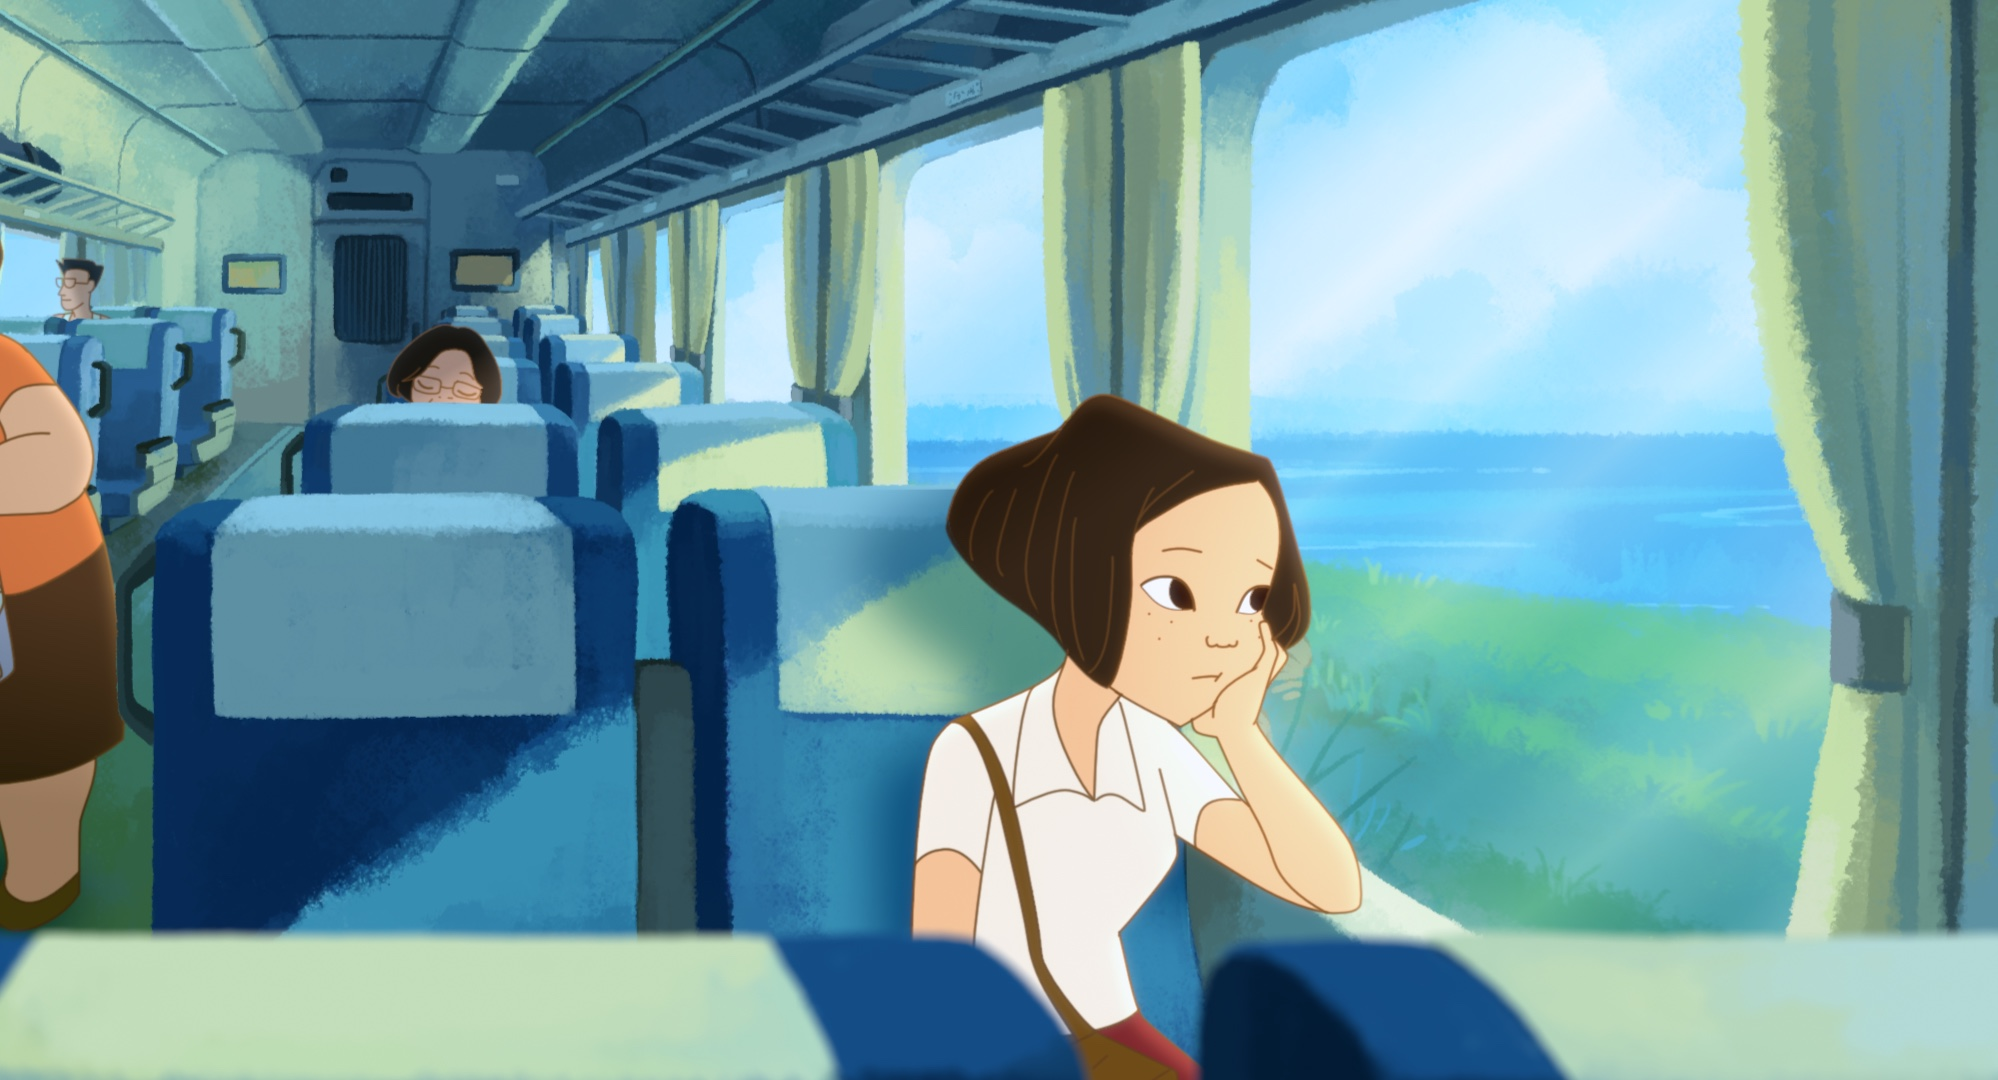  動見 還沒到《幸福路上》的台灣動畫與政治電影